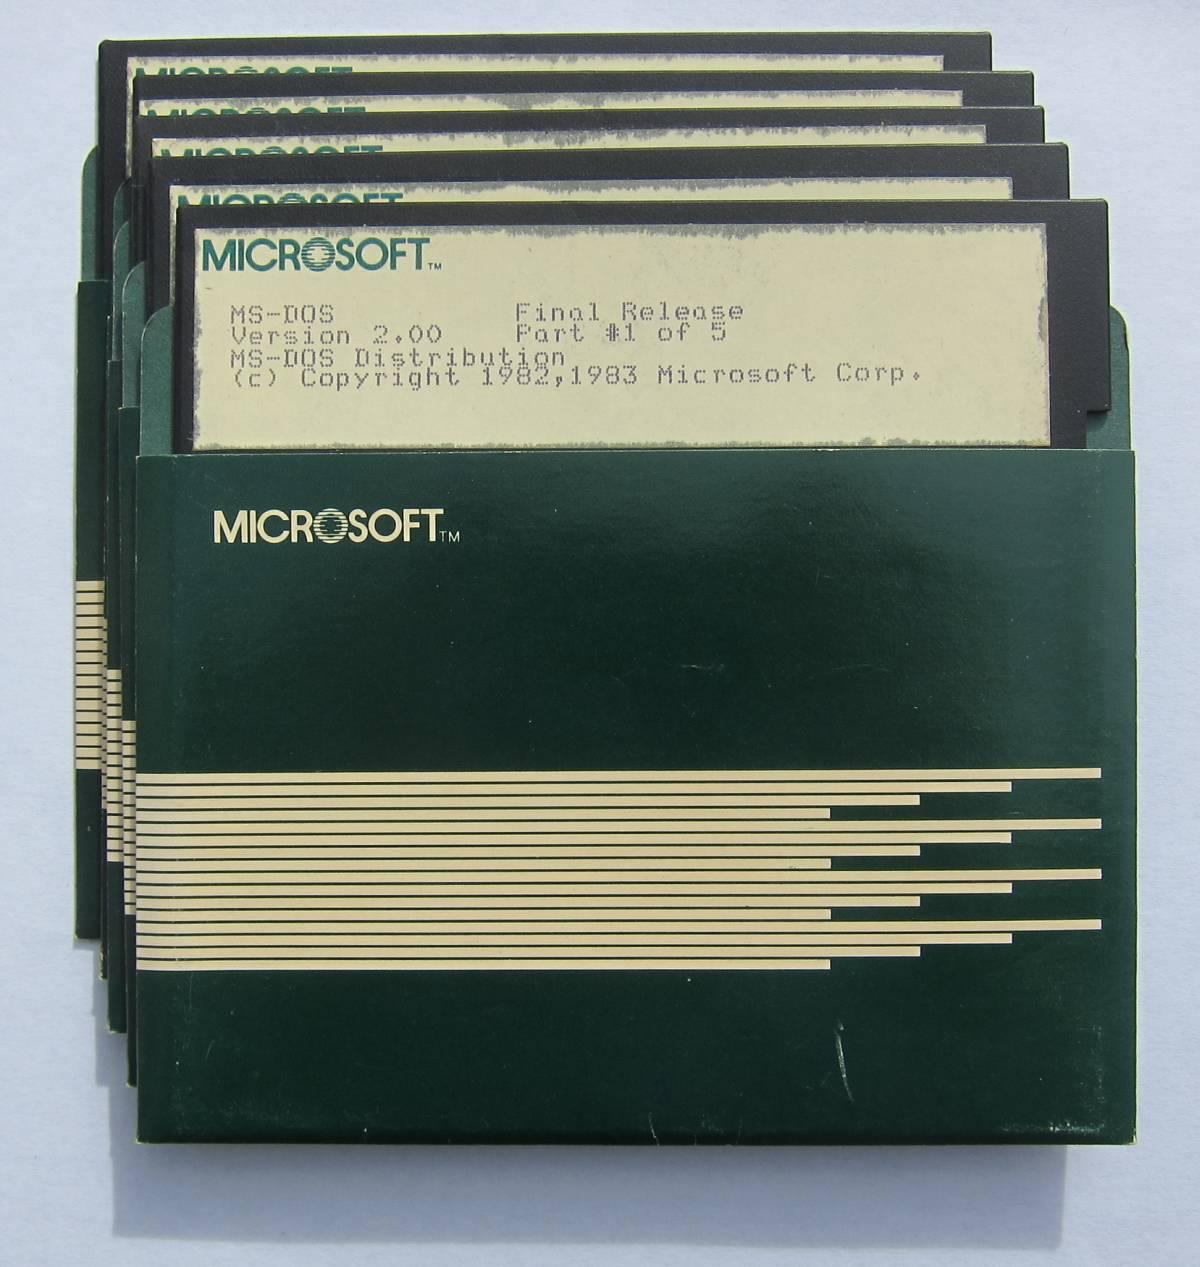 Los Disquetes de MS DOS (El logo de Microsoft era hermoso).